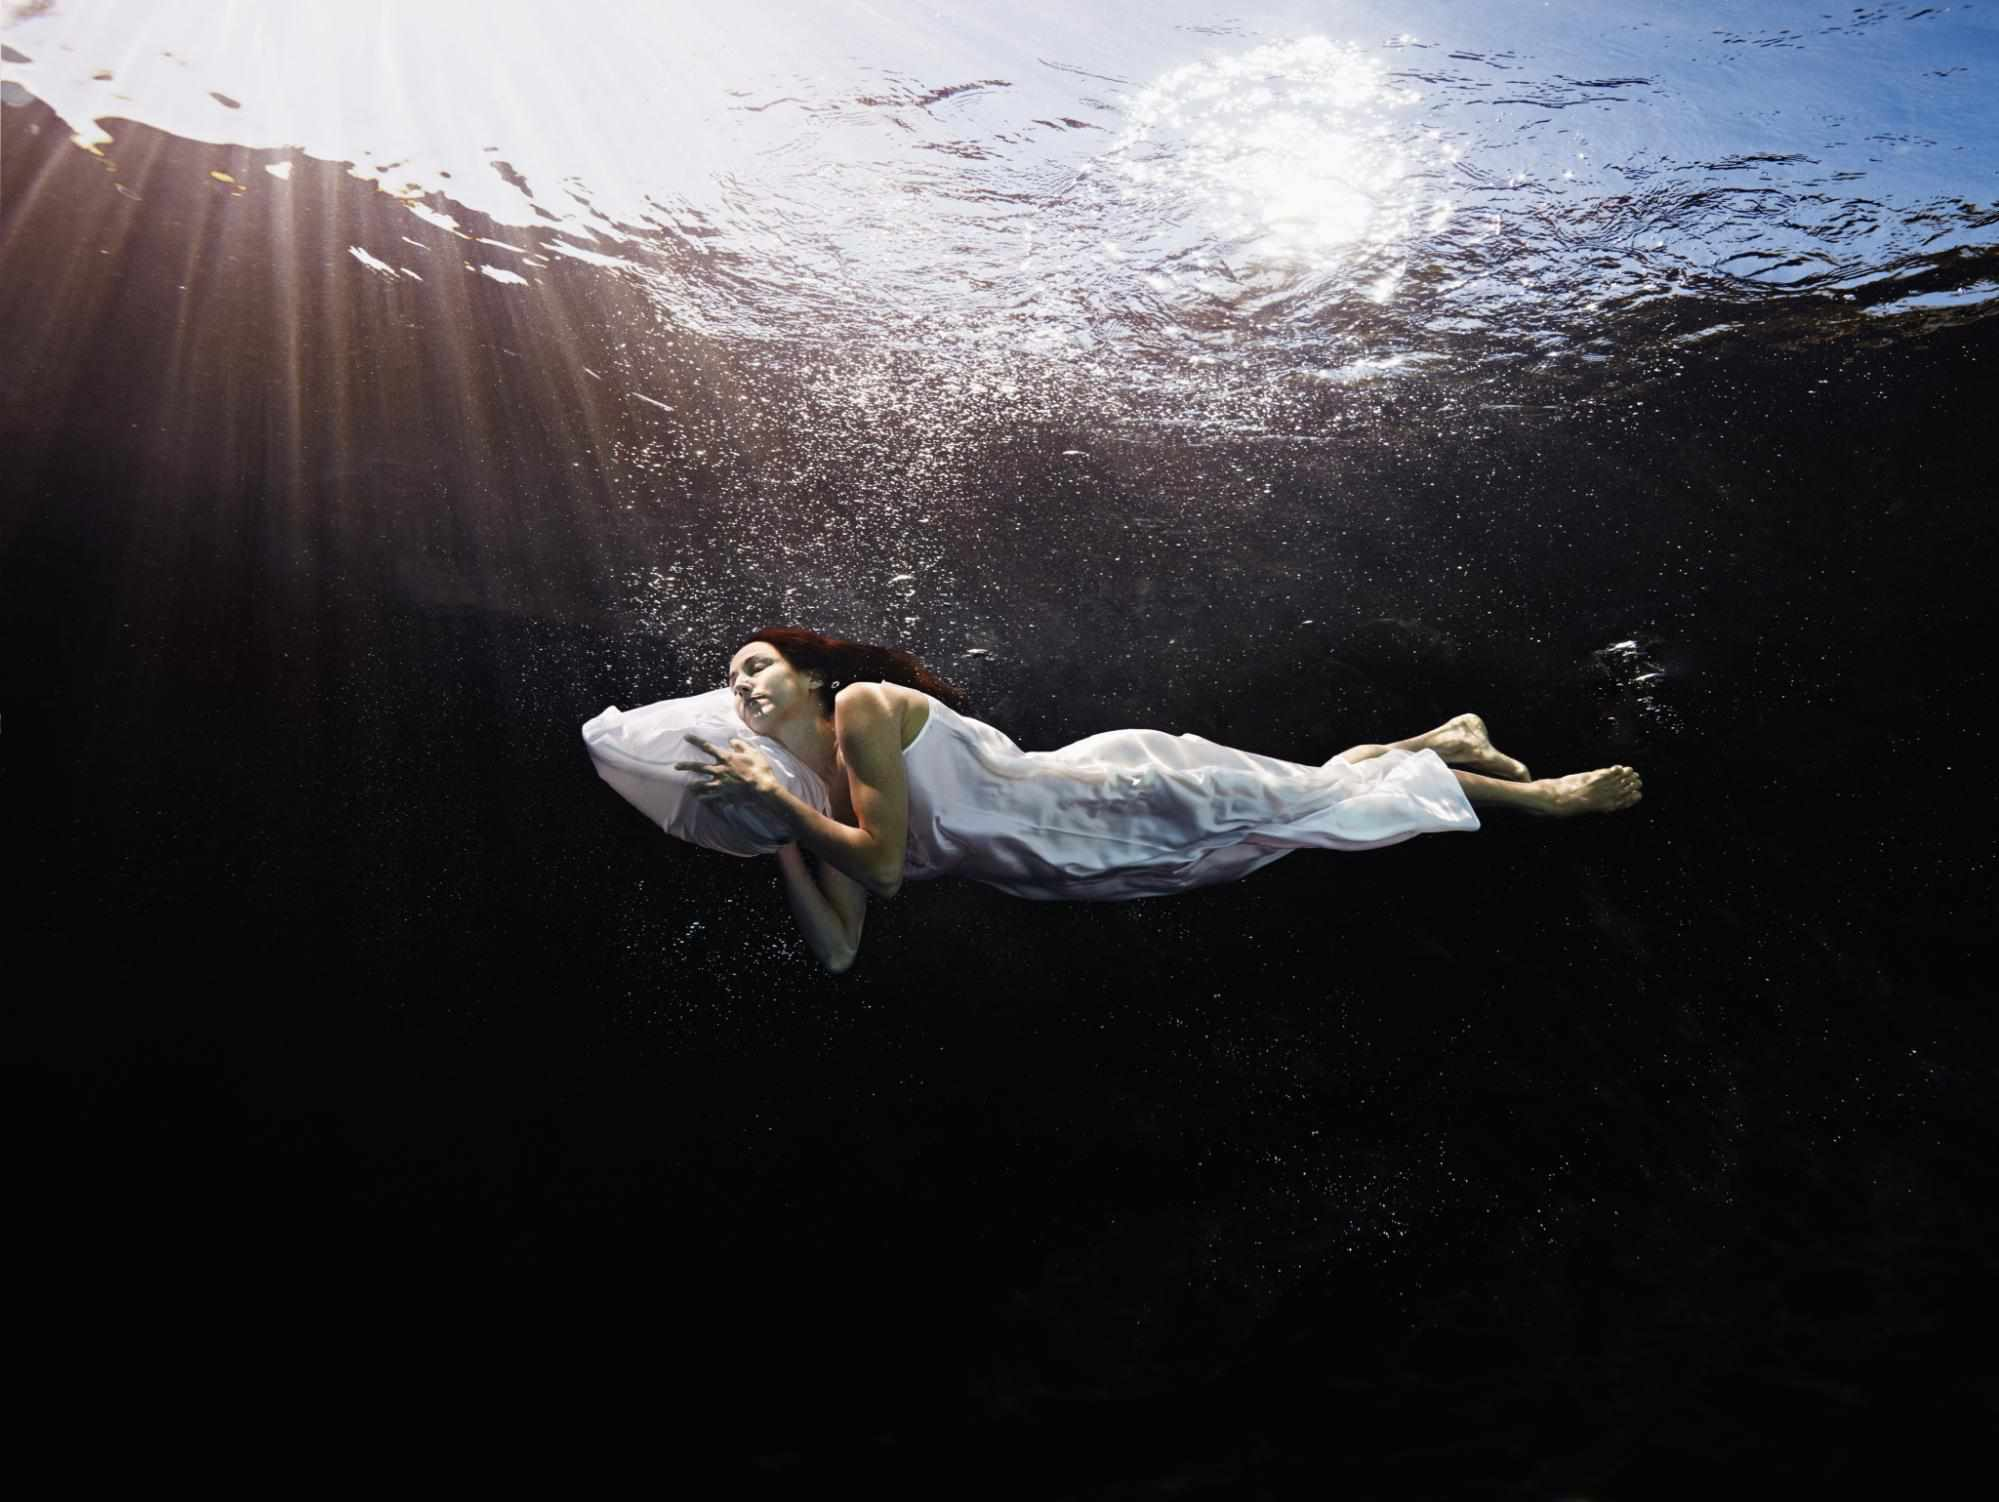 «океан к чему снится во сне? если видишь во сне океан, что значит?»